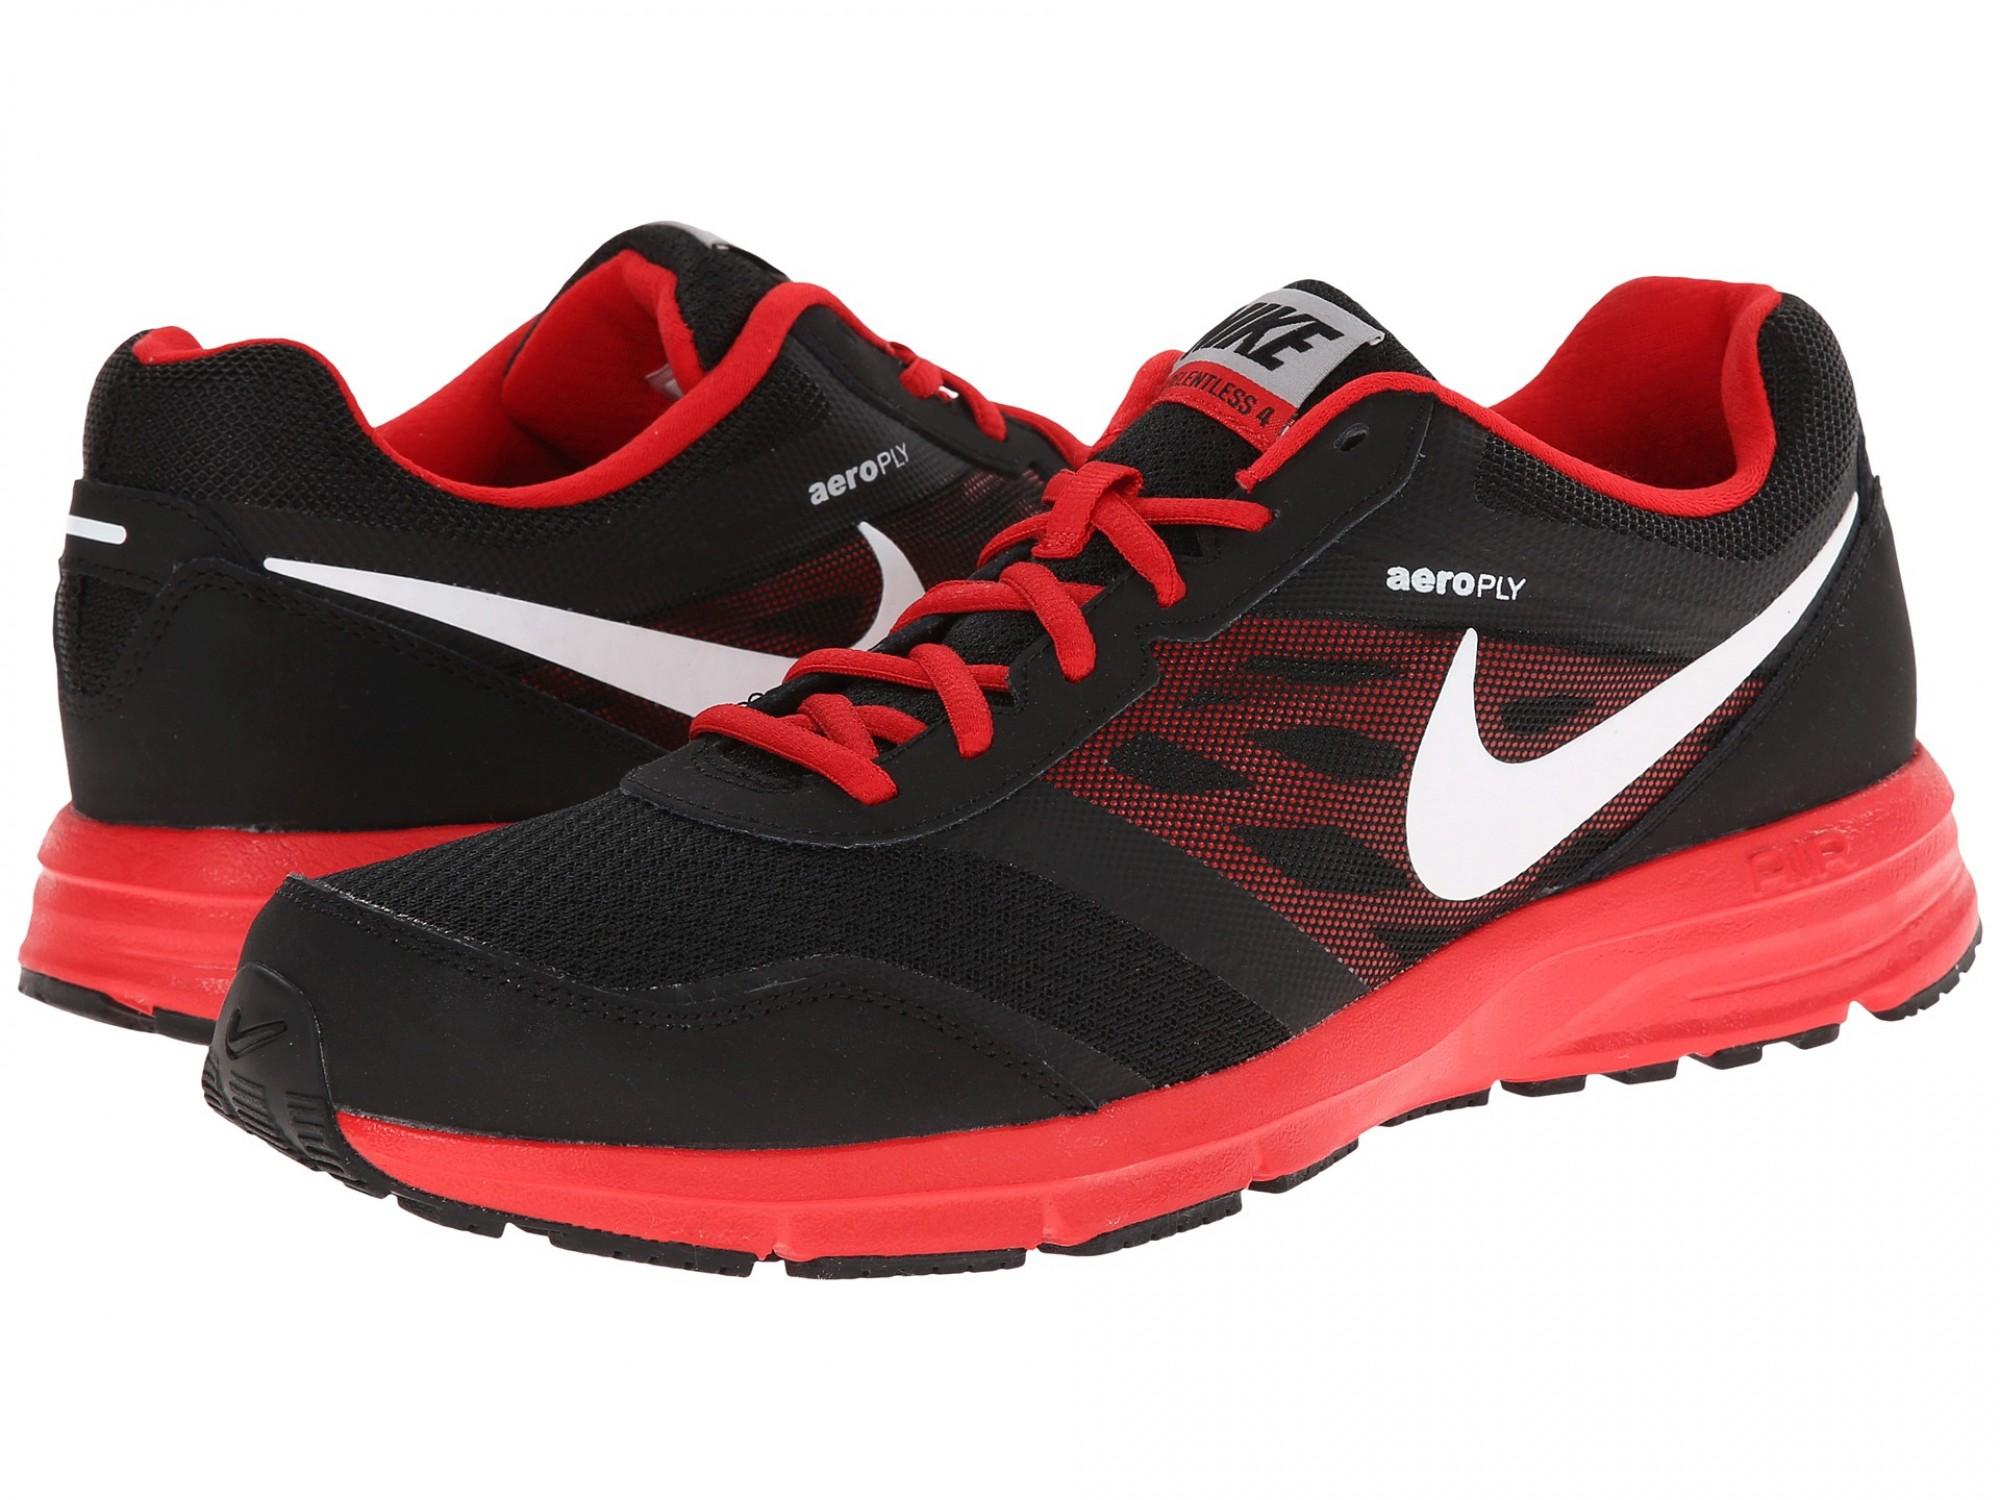 60ce048a Nike Air Relentless 4 Беговые кроссовки 685138006 купить в Украине ...